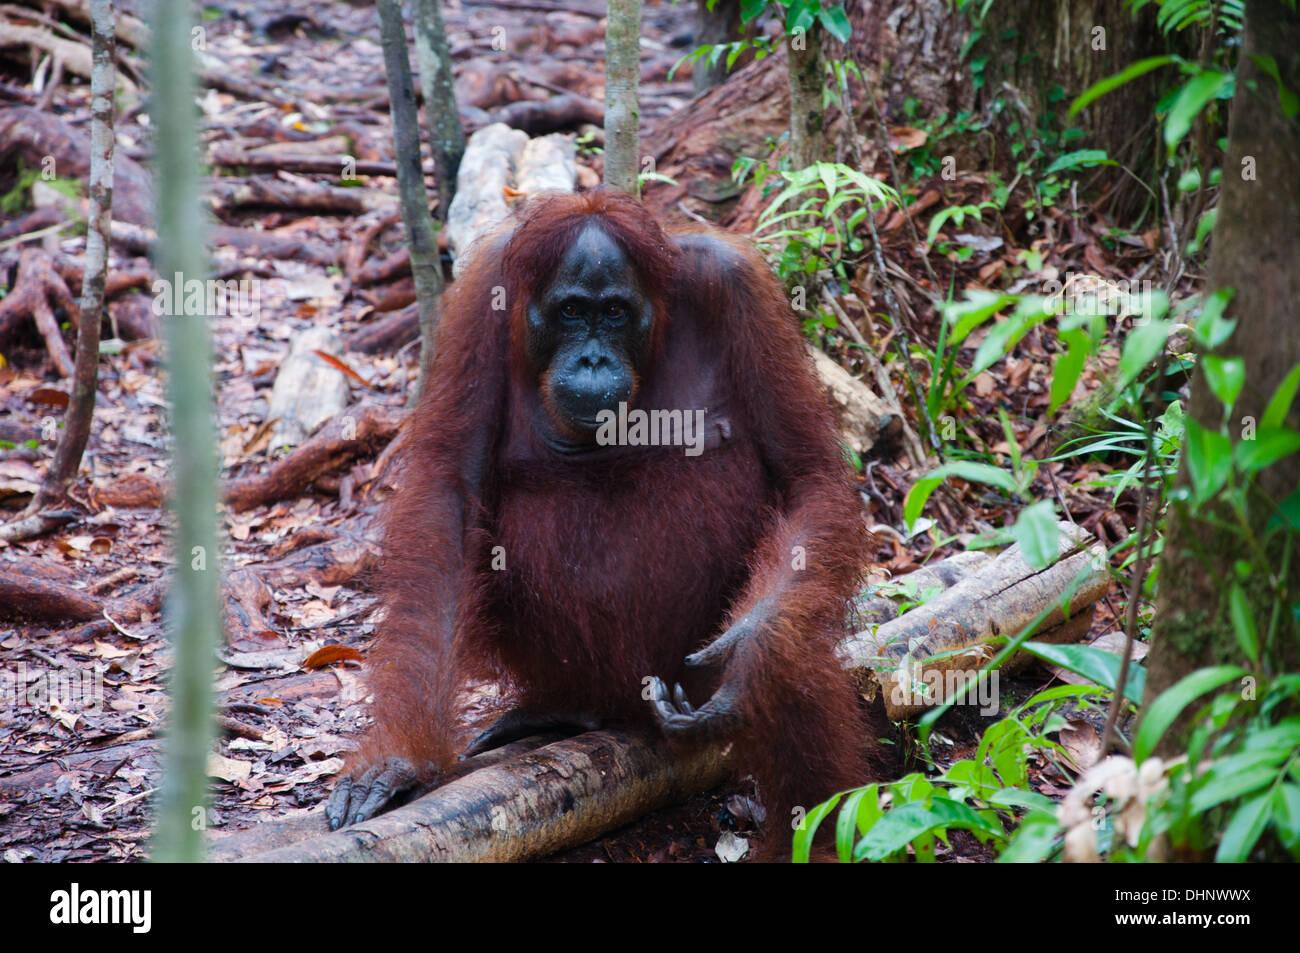 Orangutan sitting on a tree branch (Tanjung Puting National Park - Kalimantan) - Stock Image